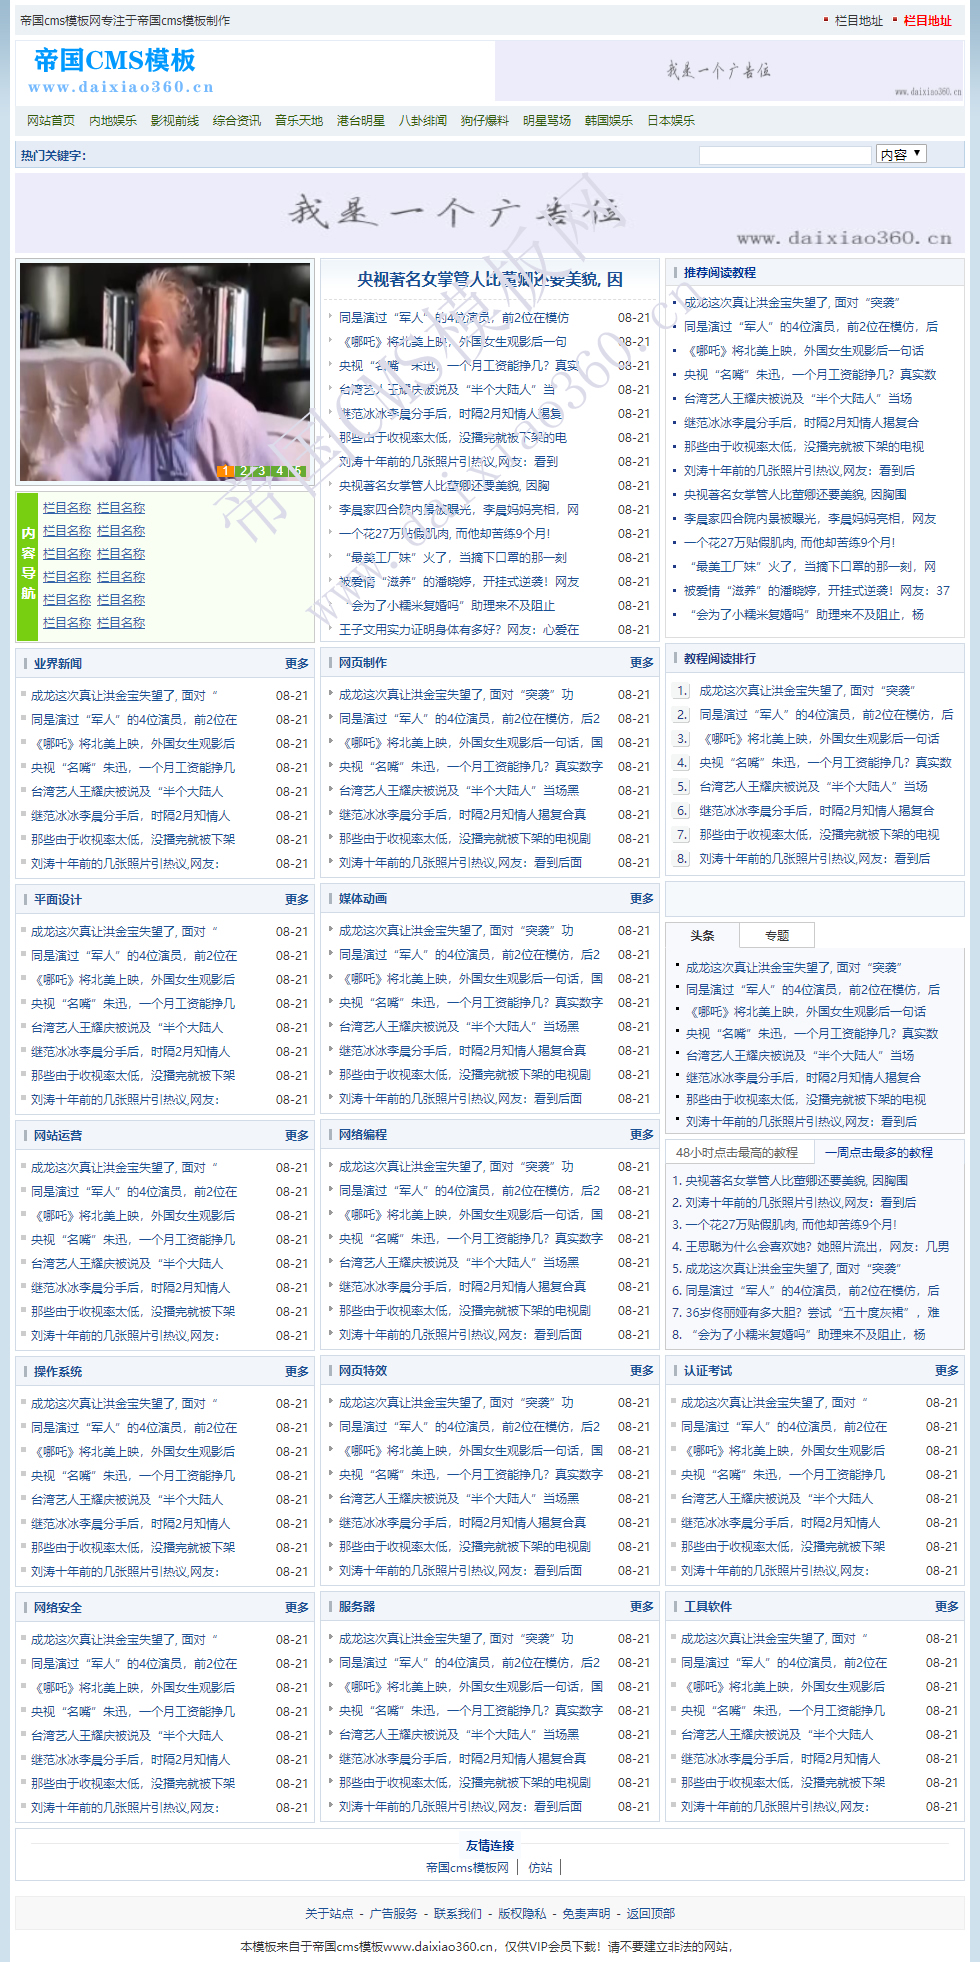 帝国cms站长资讯类网站模板下载-首页